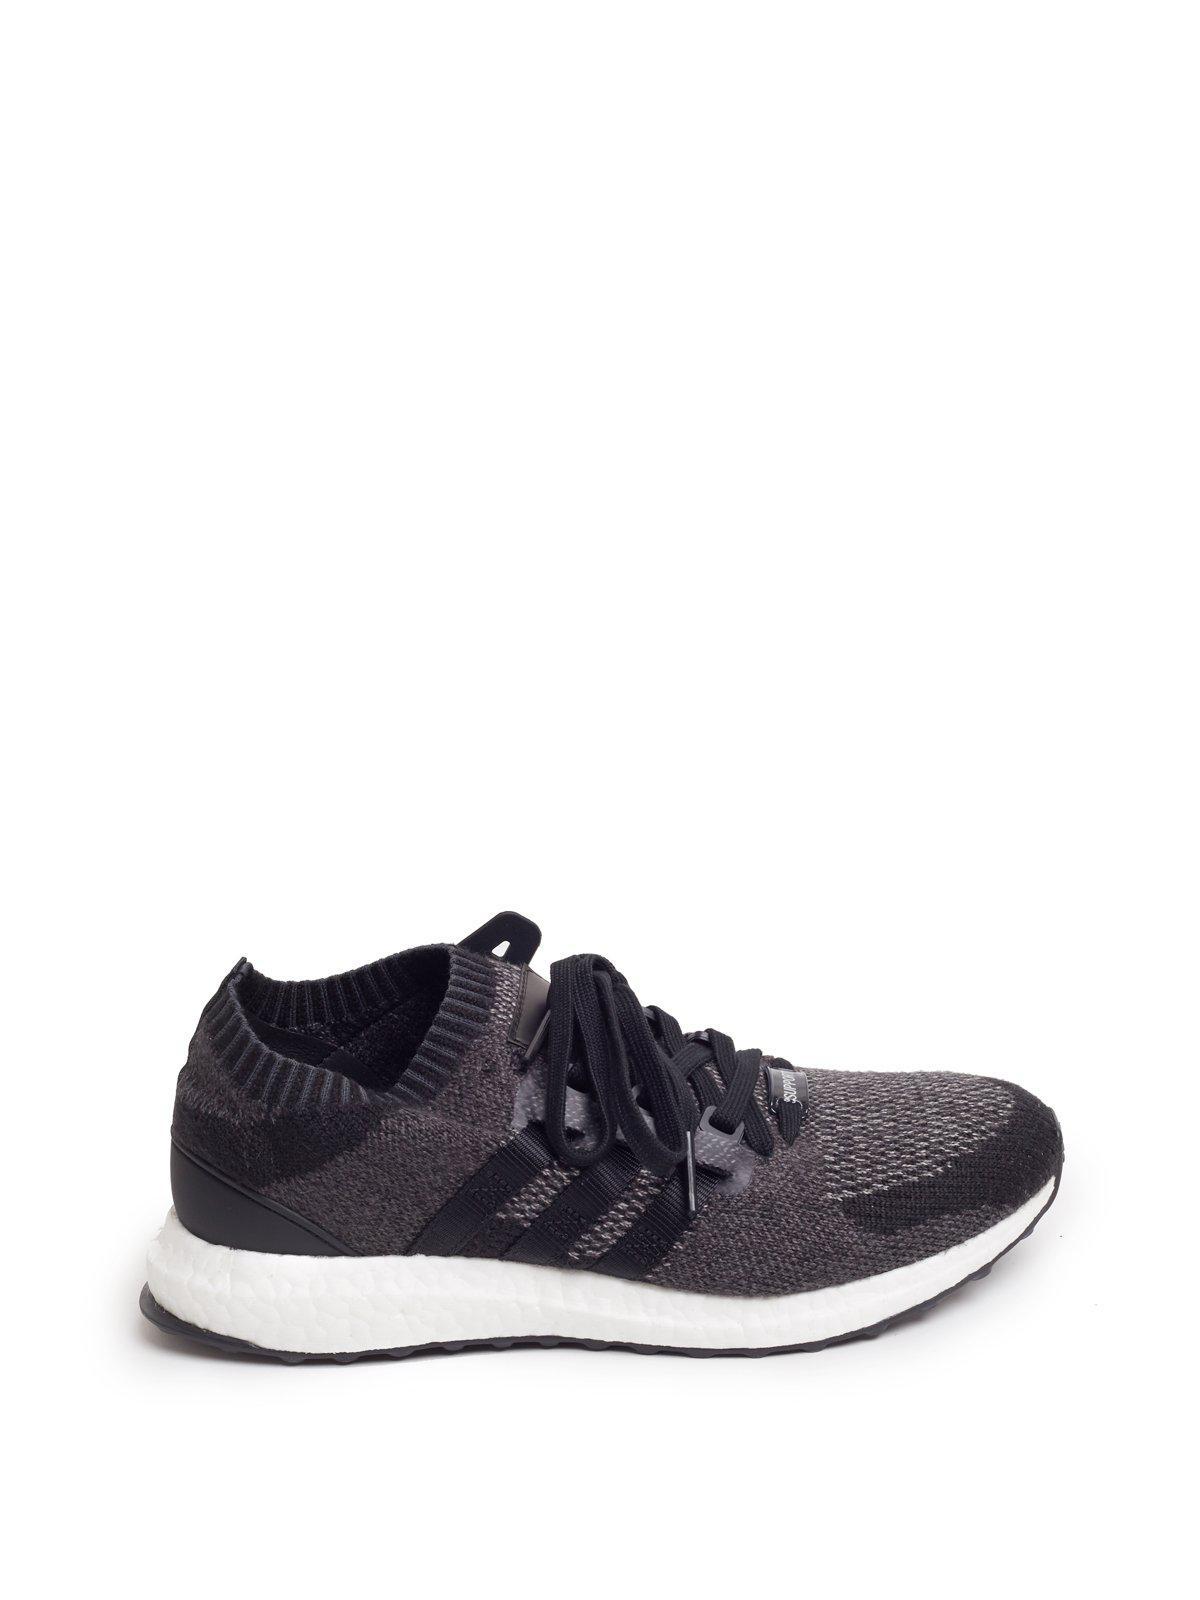 Lyst adidas originali eqt sostegno ultra primeknit scarpe da ginnastica in